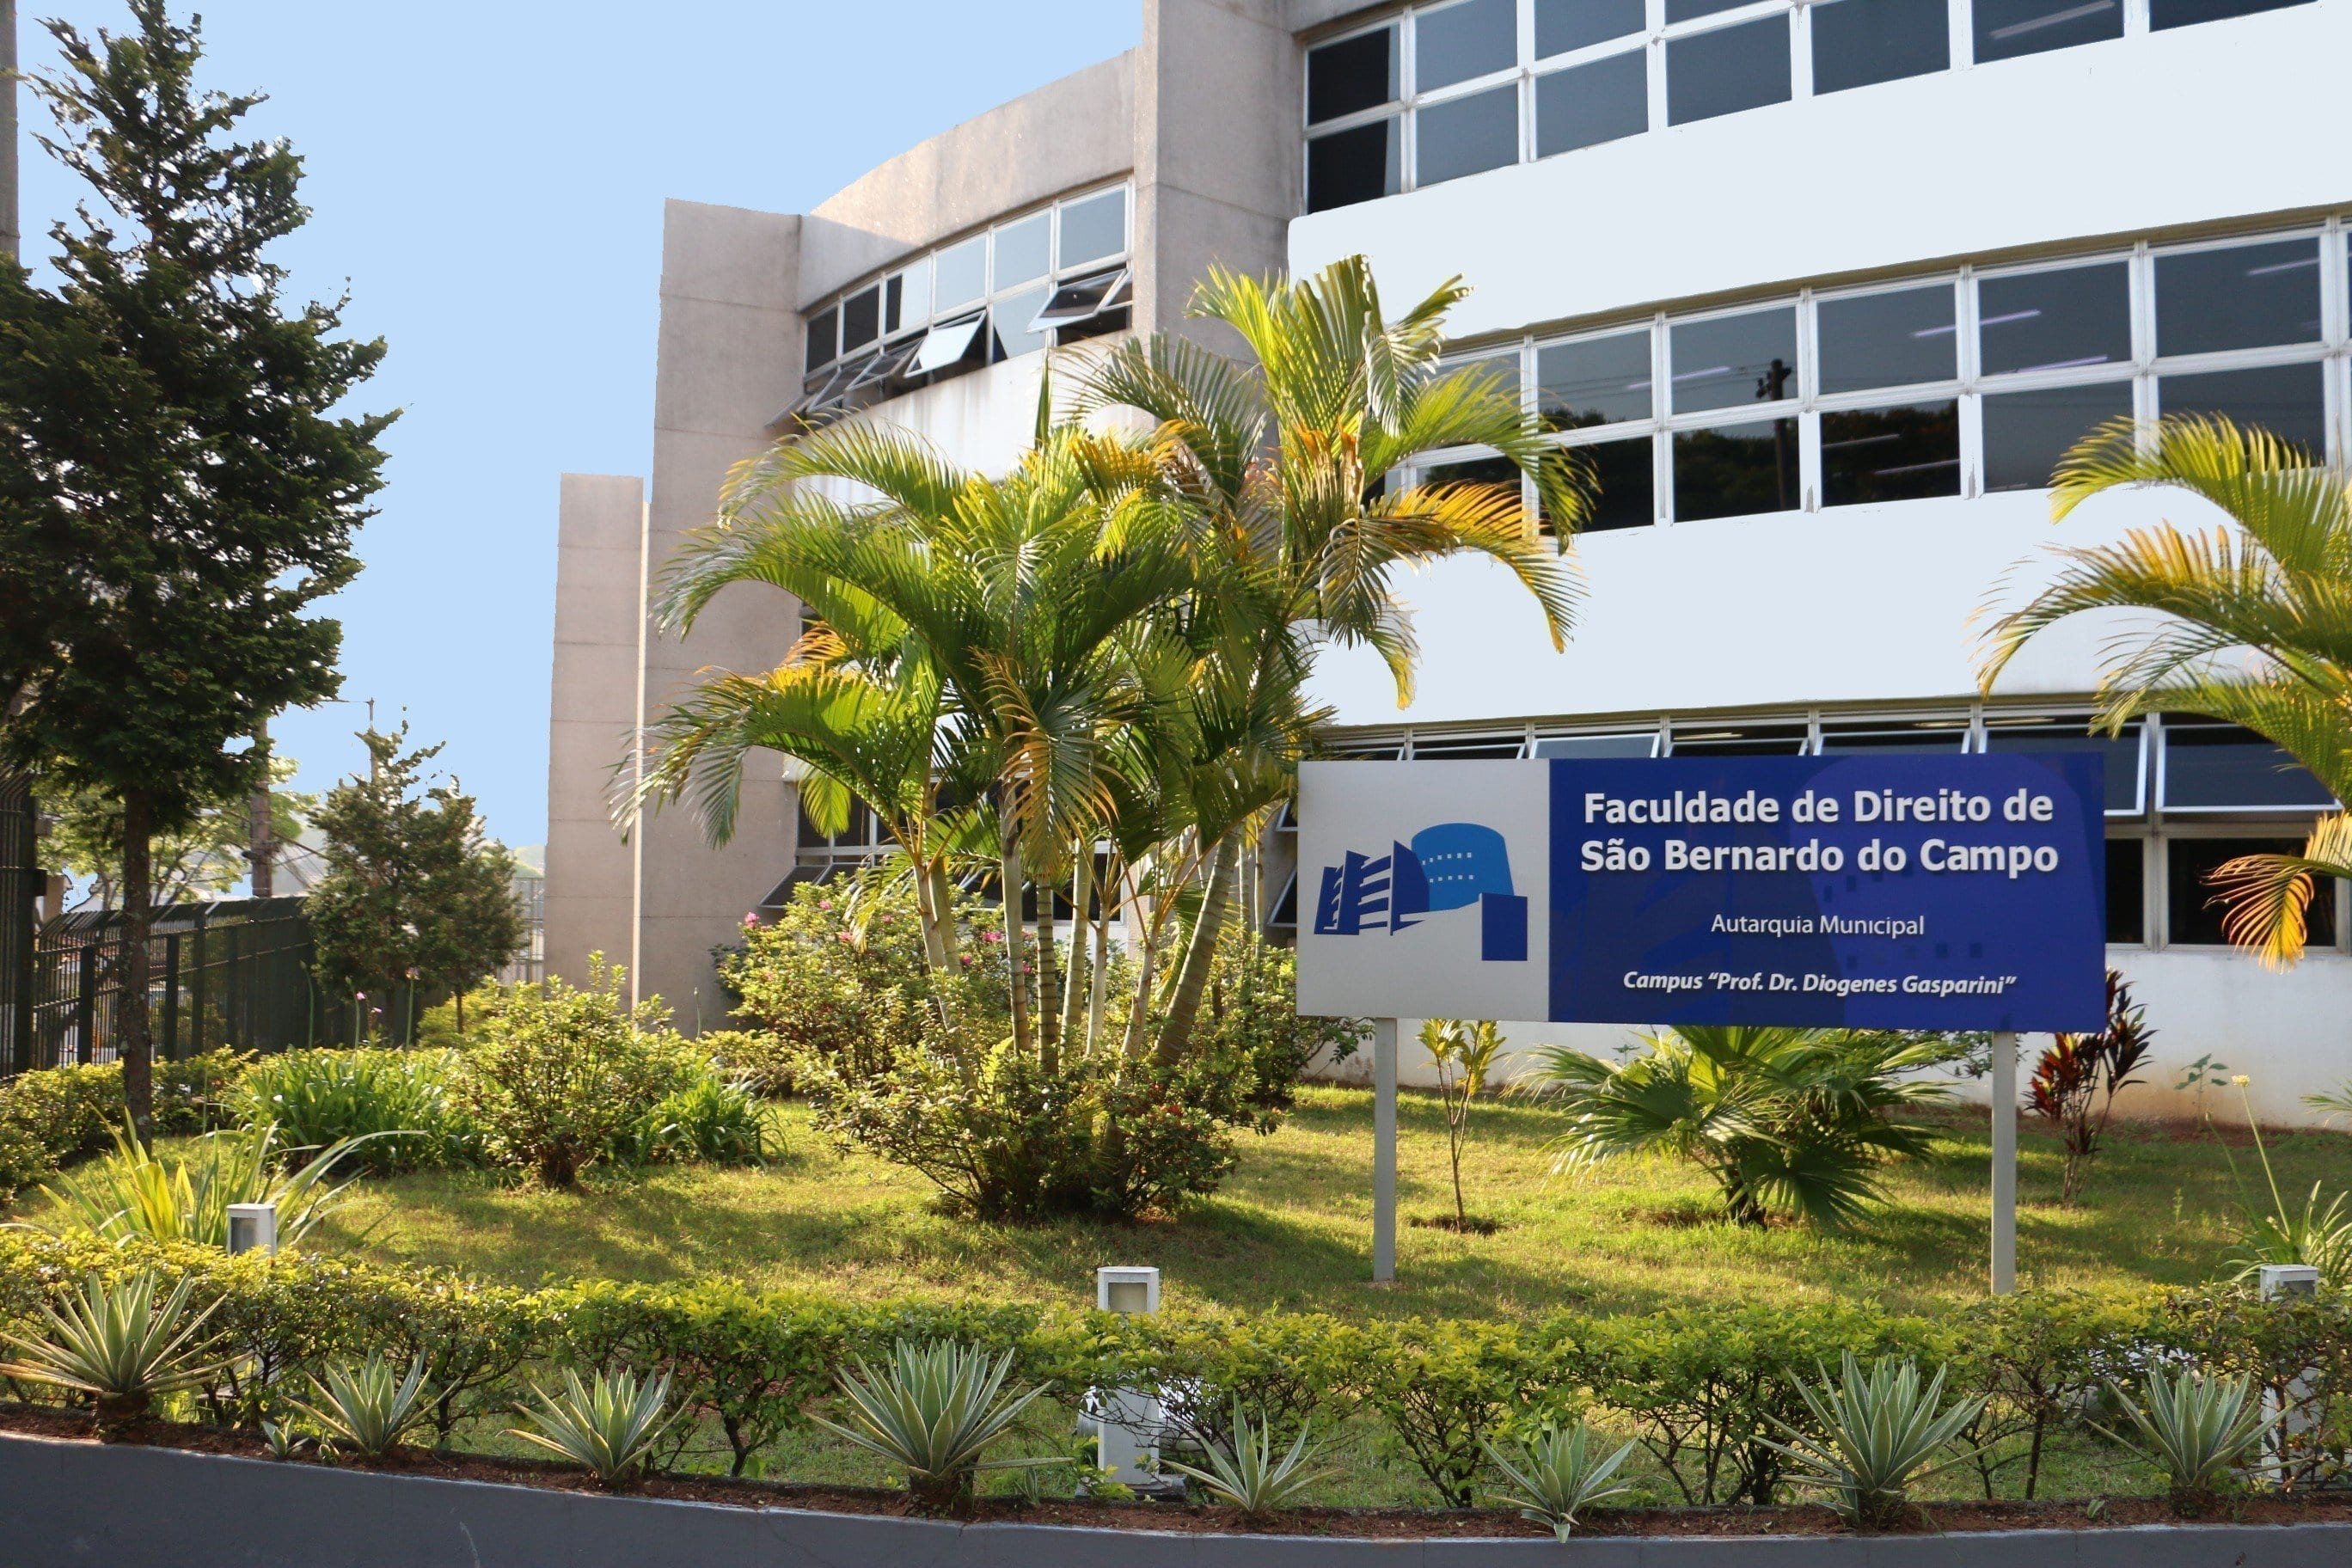 Faculdade de Direito de São Bernardo